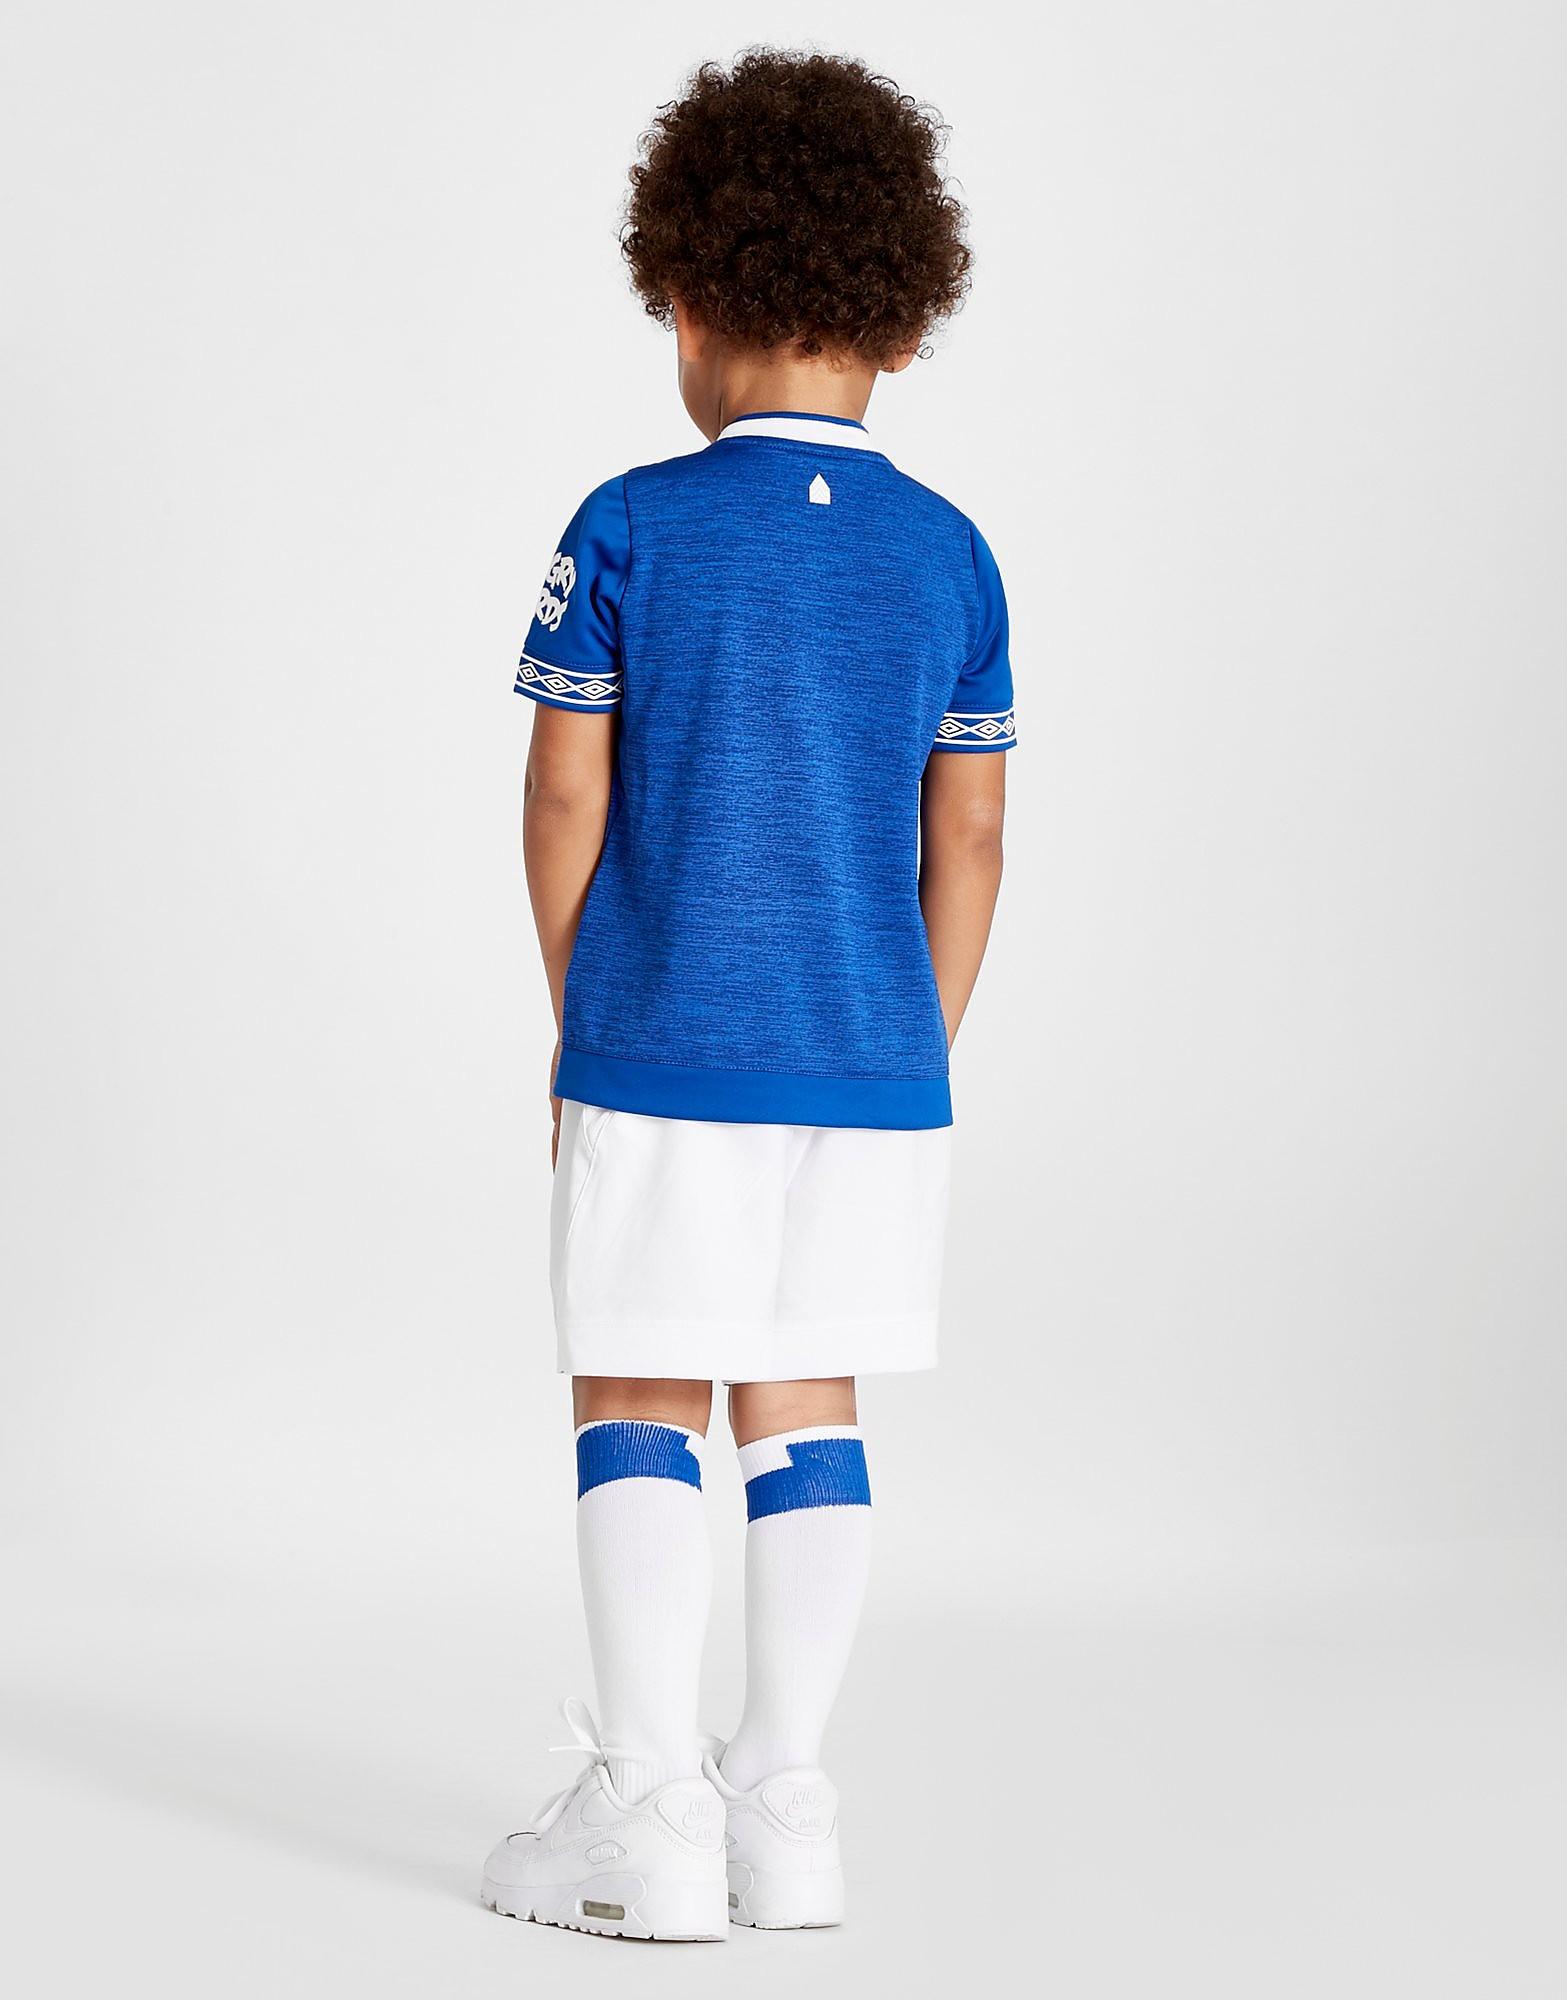 Umbro Everton FC 2018/19 Home Kit Children